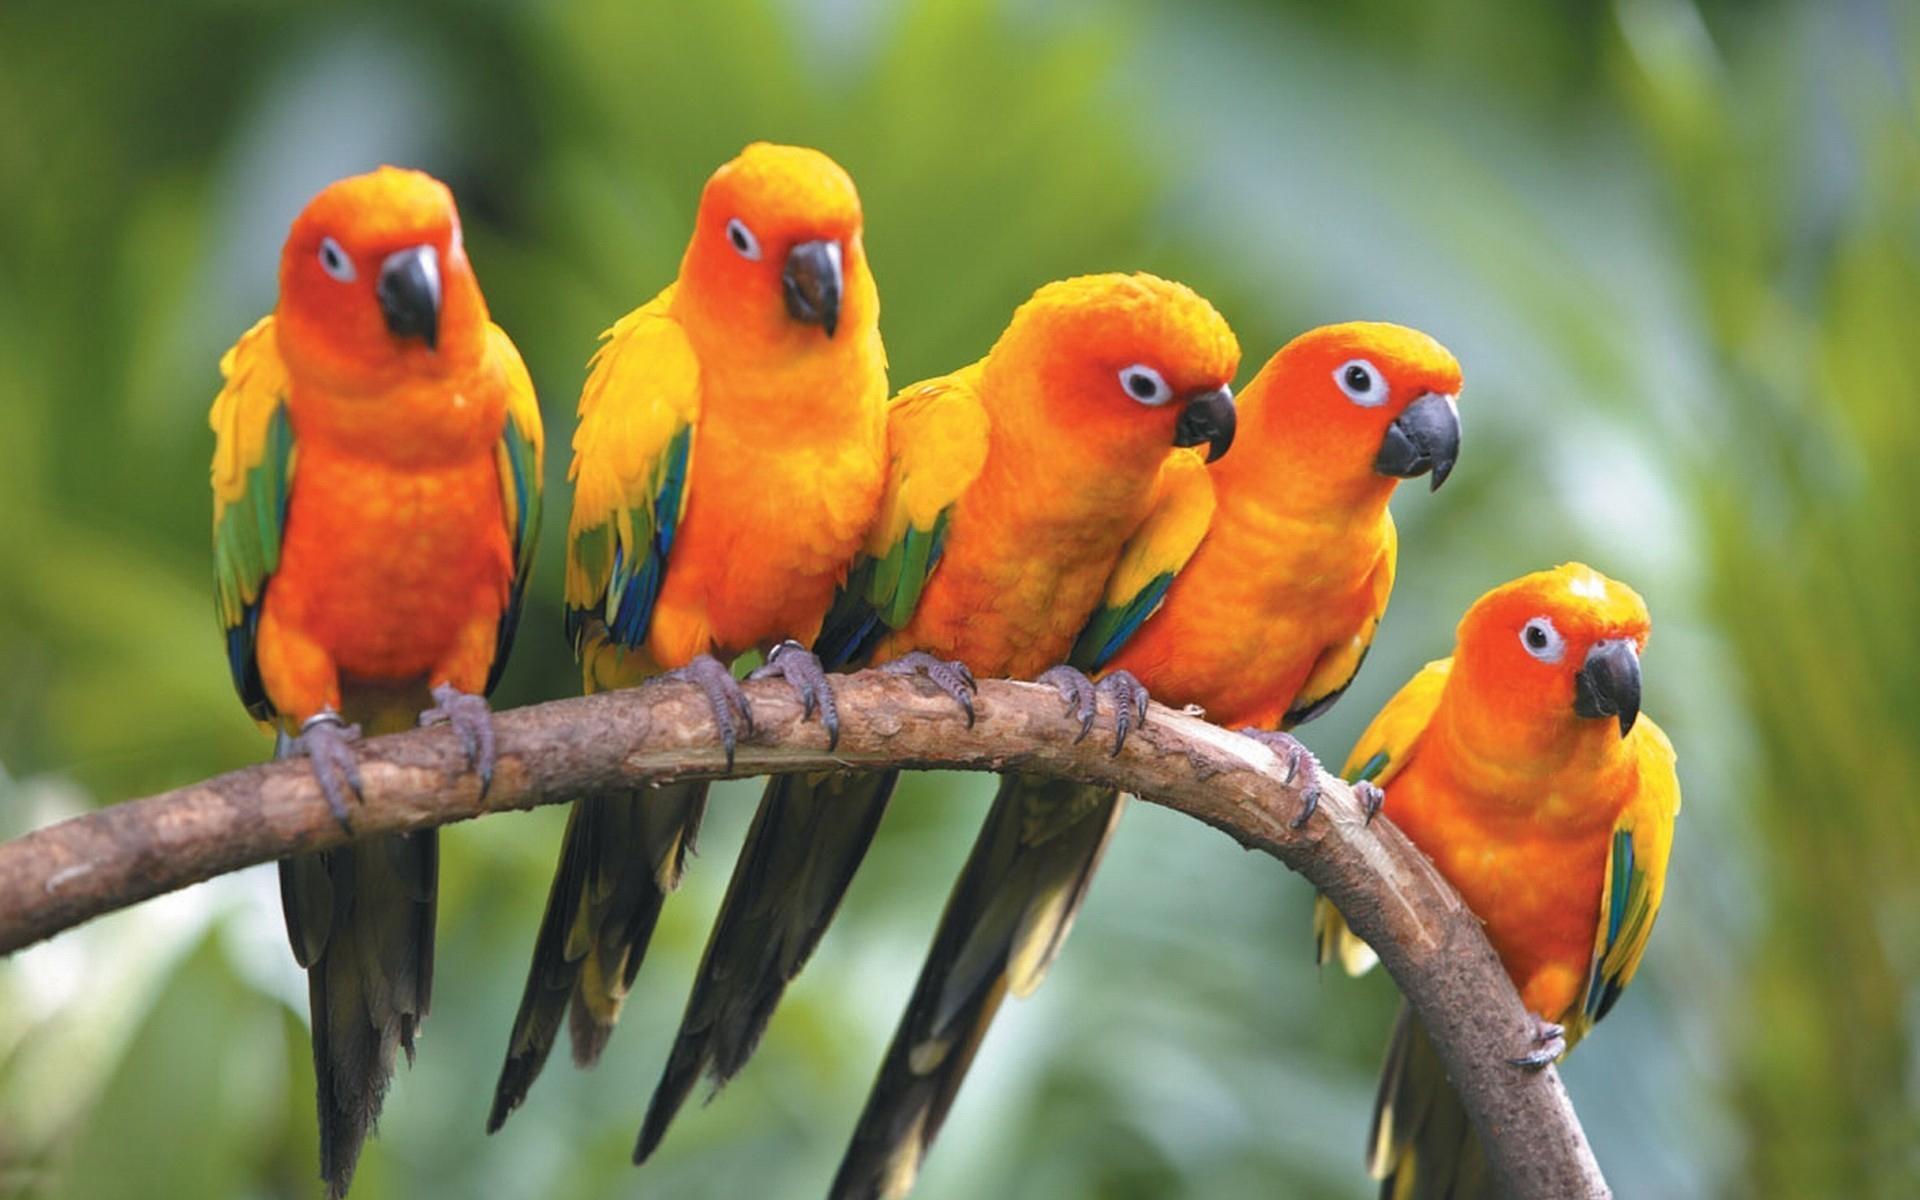 parrot full hd